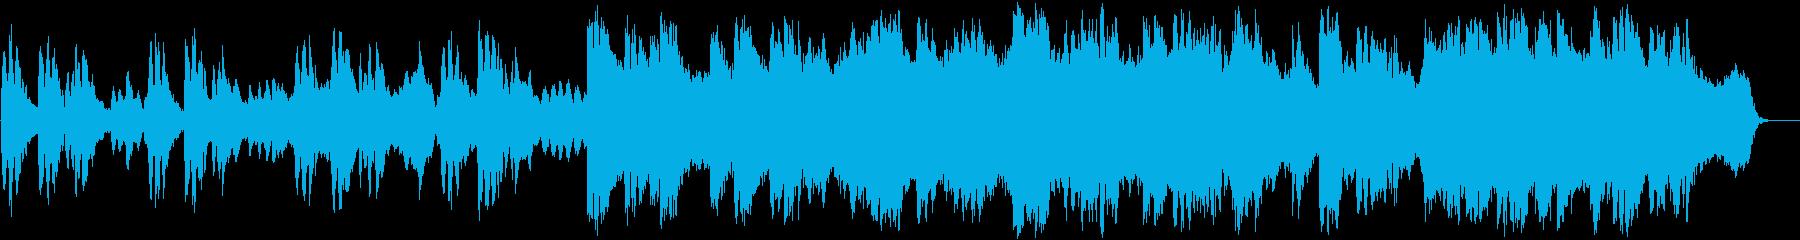 水中のイメージのシンセサイザー音楽の再生済みの波形